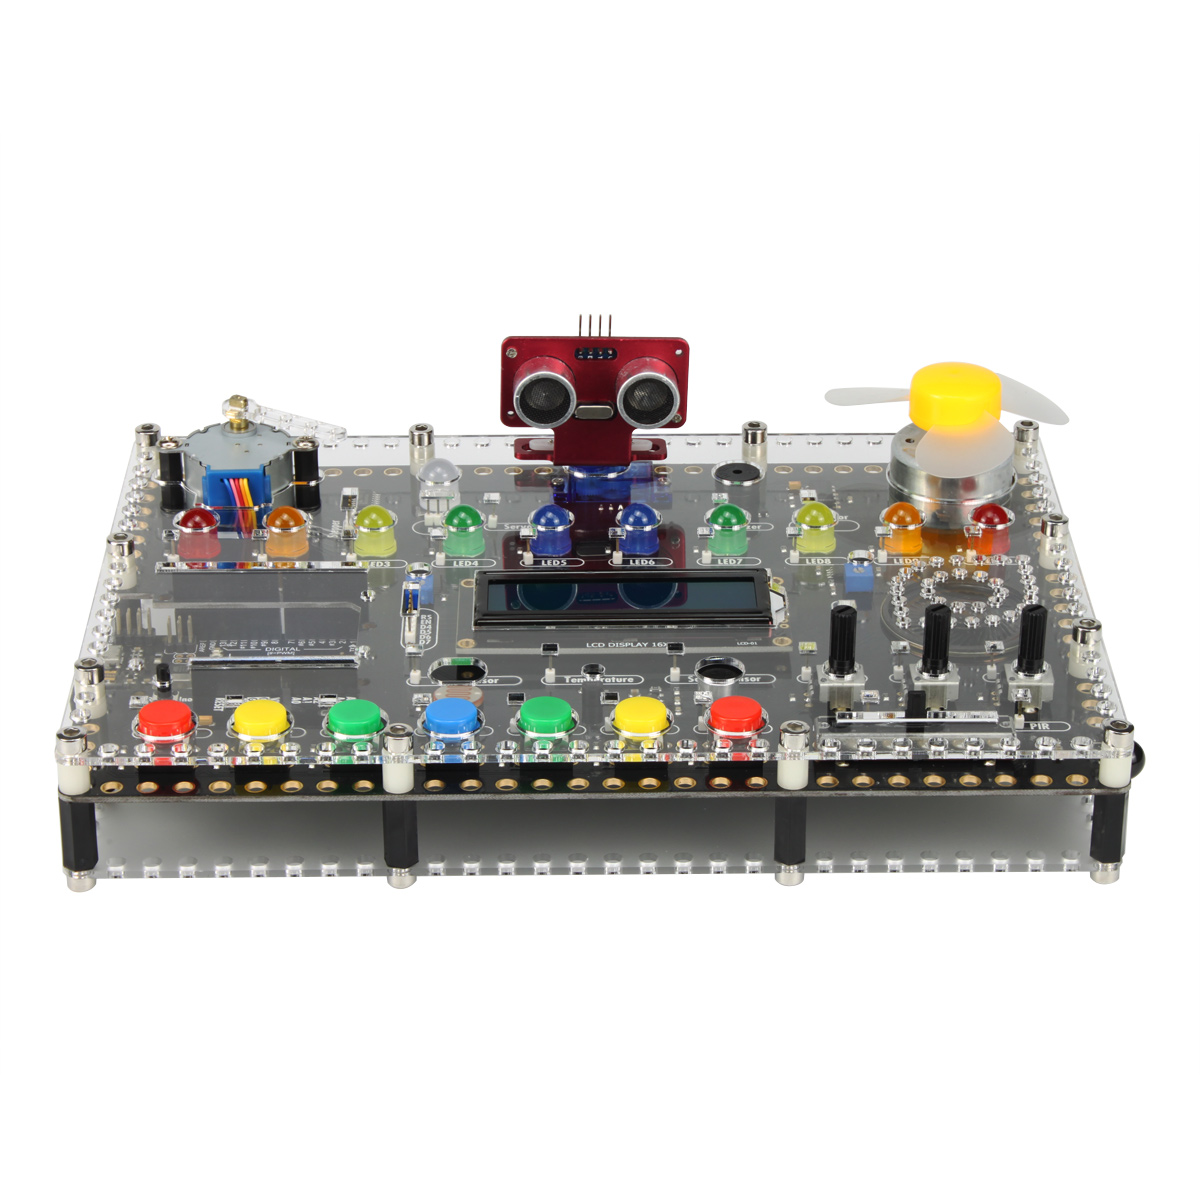 Osepp Stem Hub Alles In Een Geïntegreerde Ontwikkelomgeving-Arduino Start Kit Voor Programmering Elektronische Beginer 4